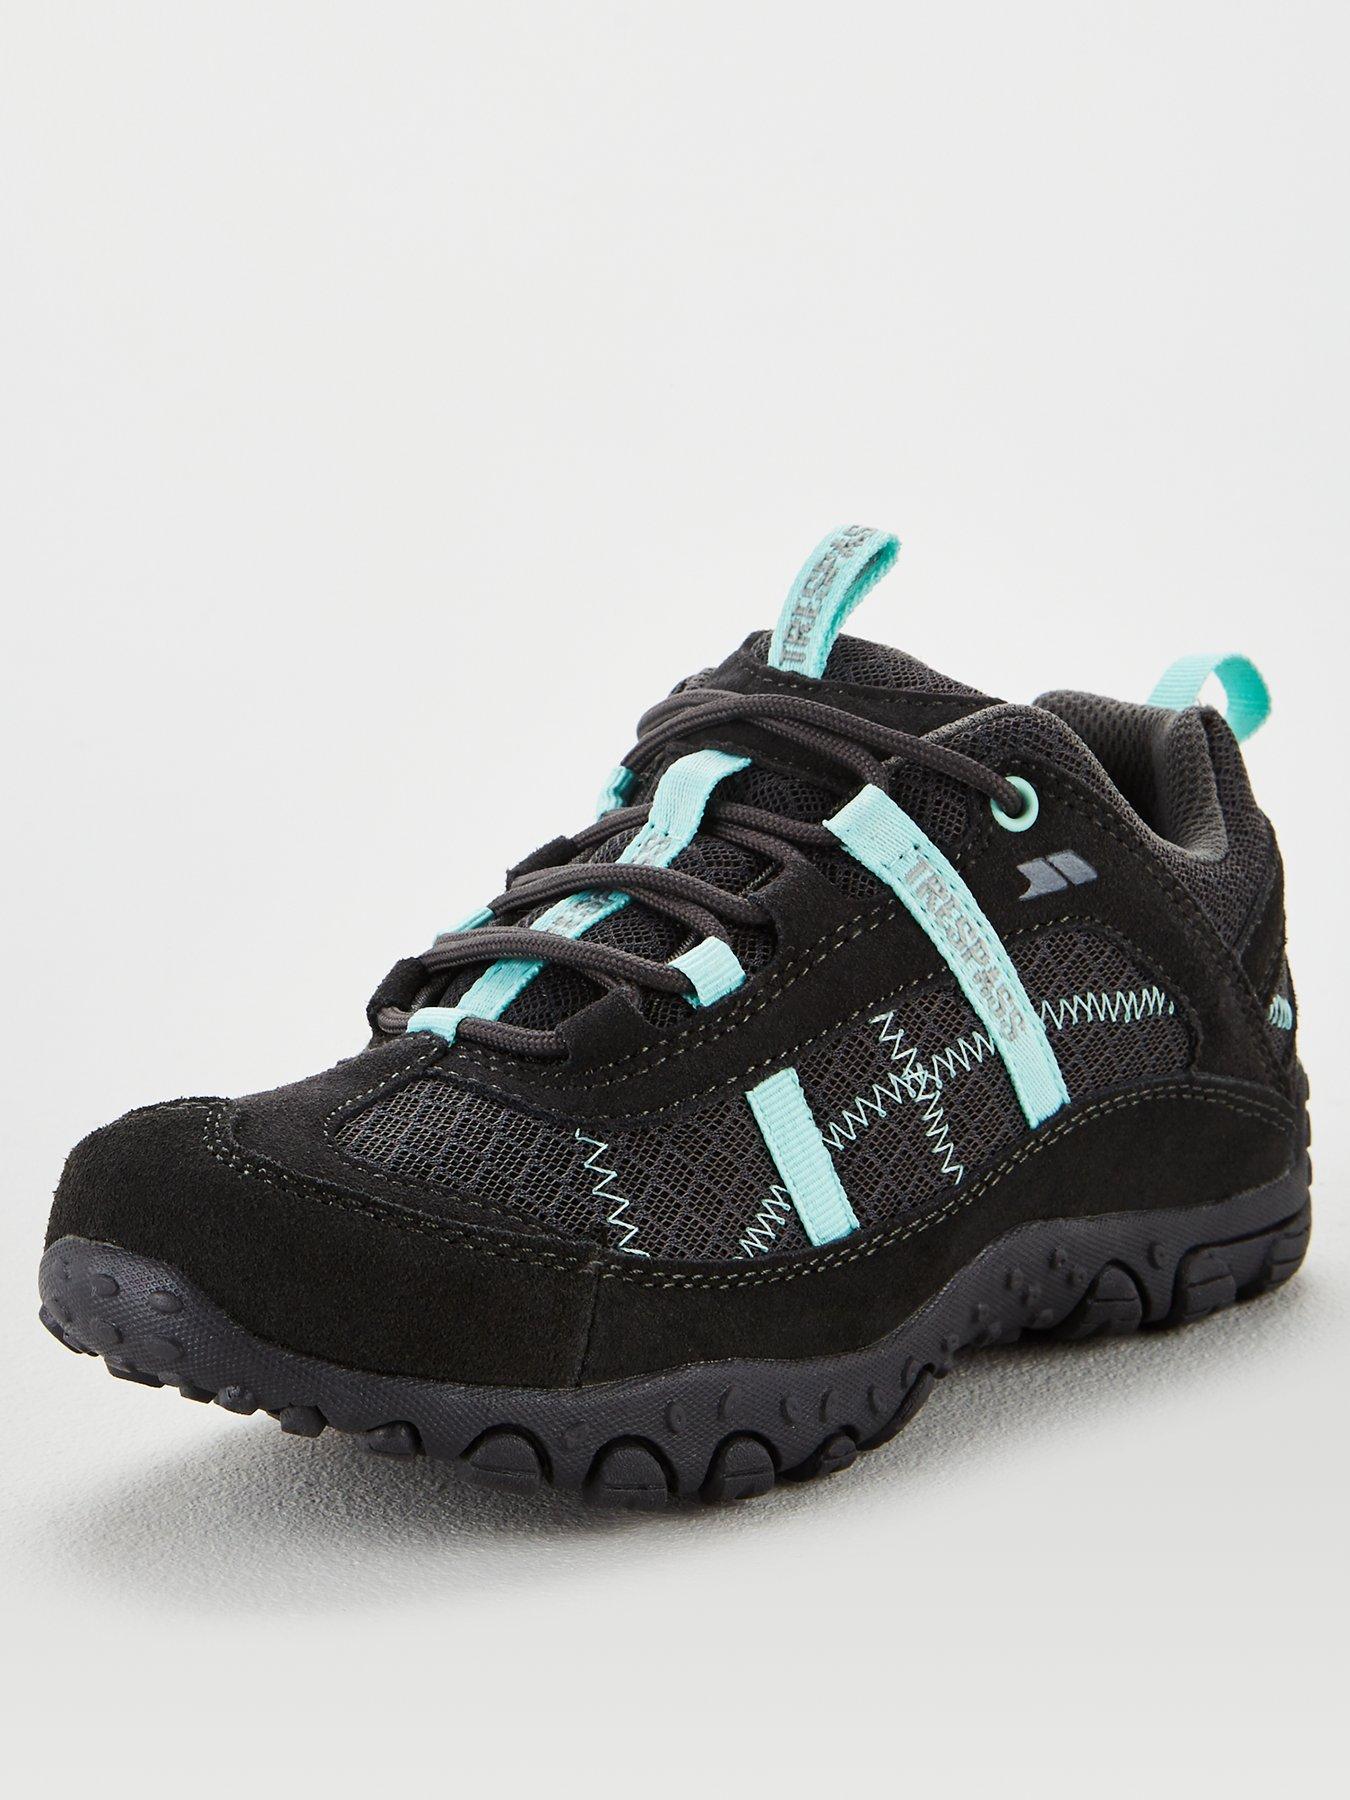 Trespass Fell Low Walking Shoe - Grey